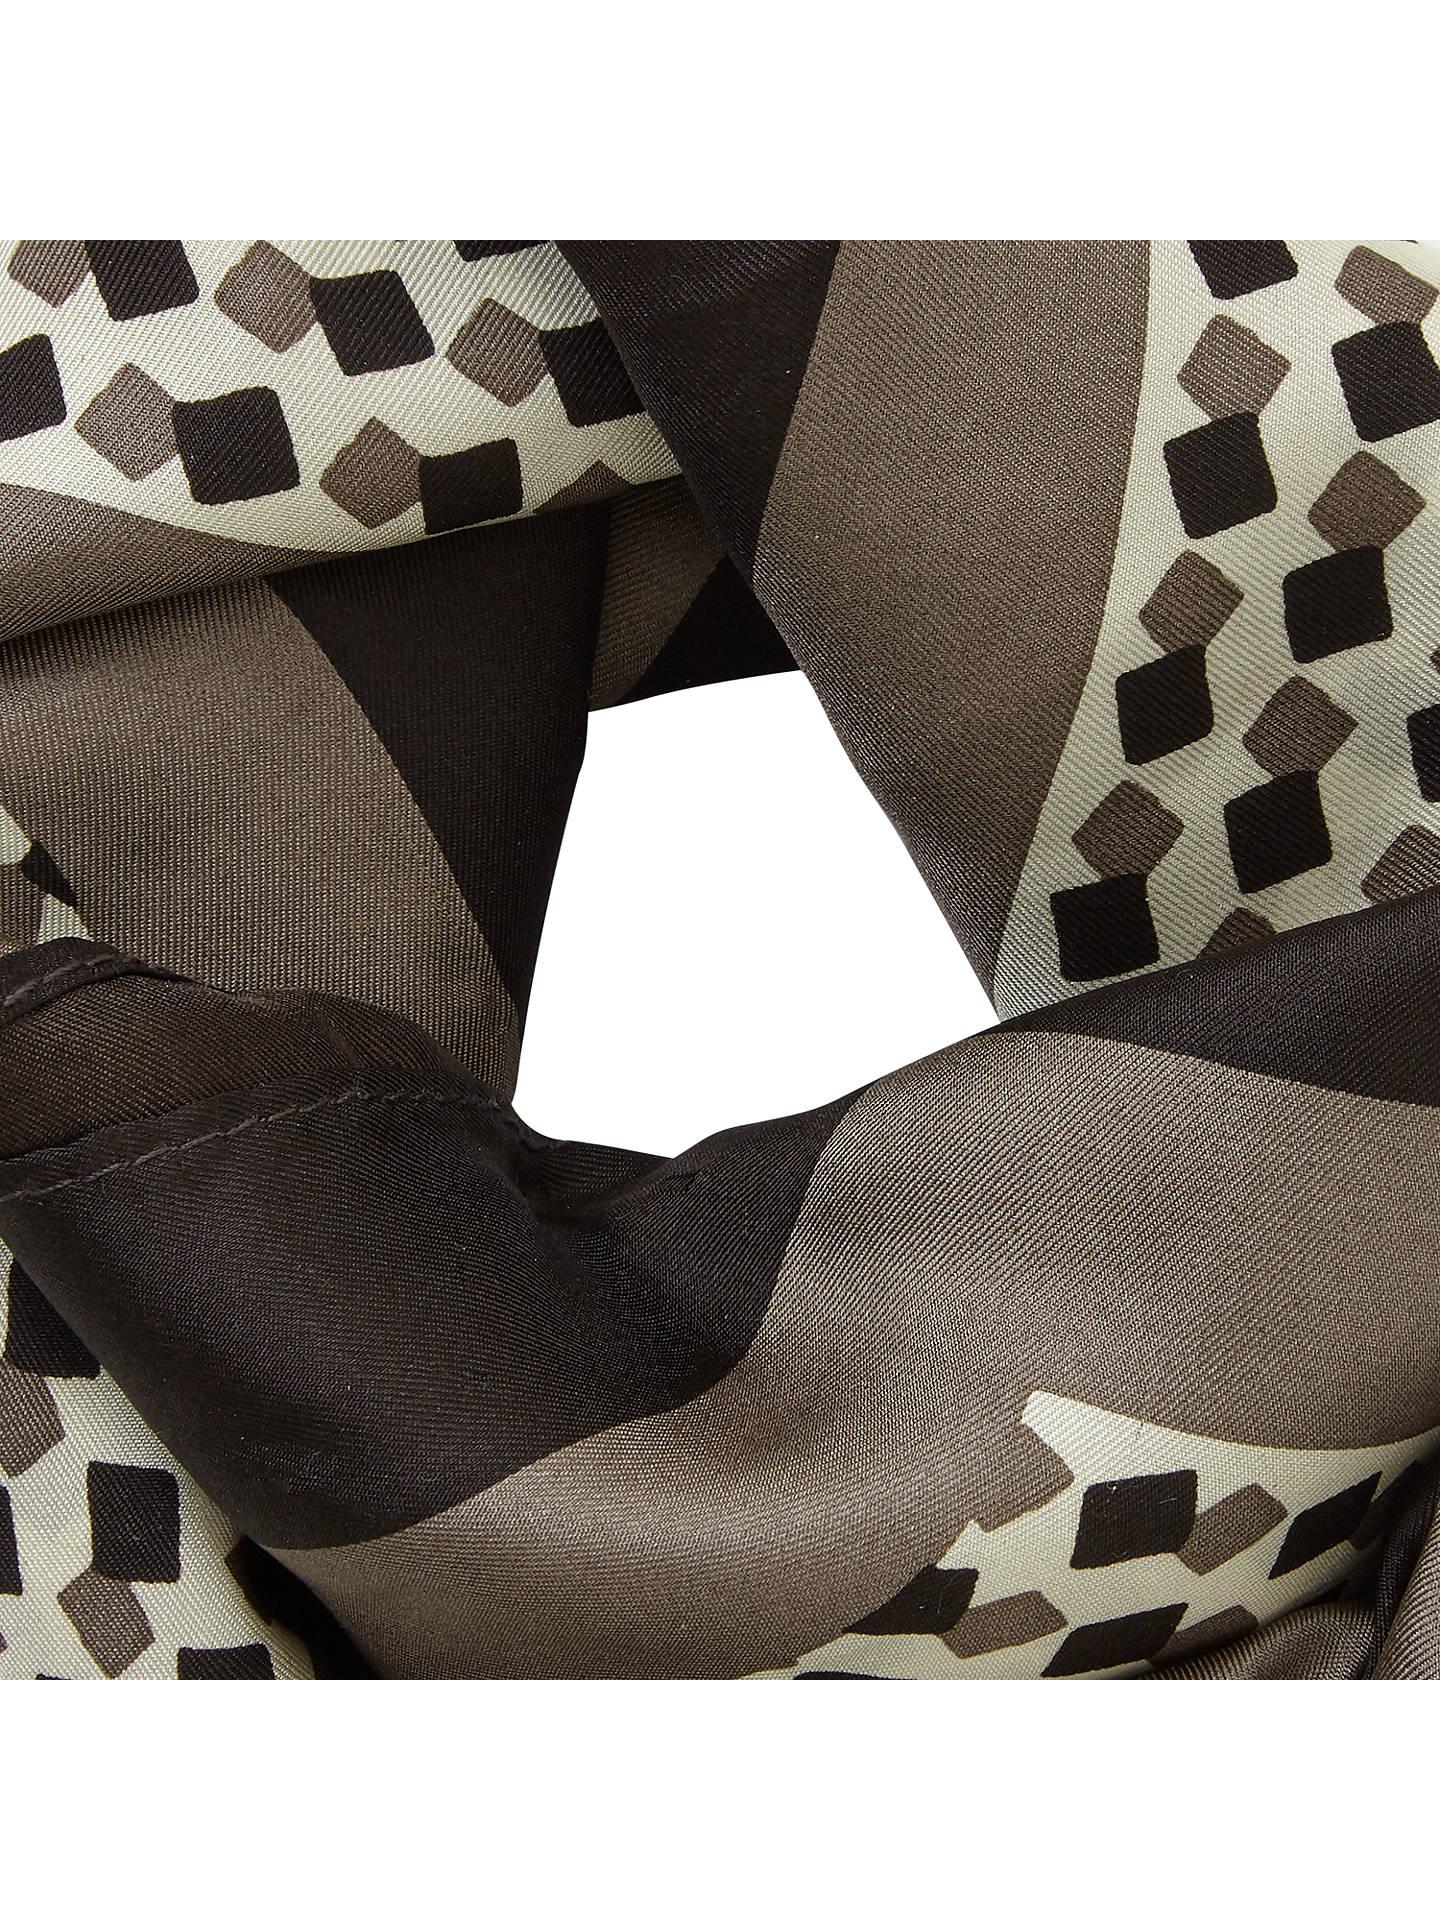 John Lewis Animal Print Silk Square Scarf, Taupe at John Lewis ...